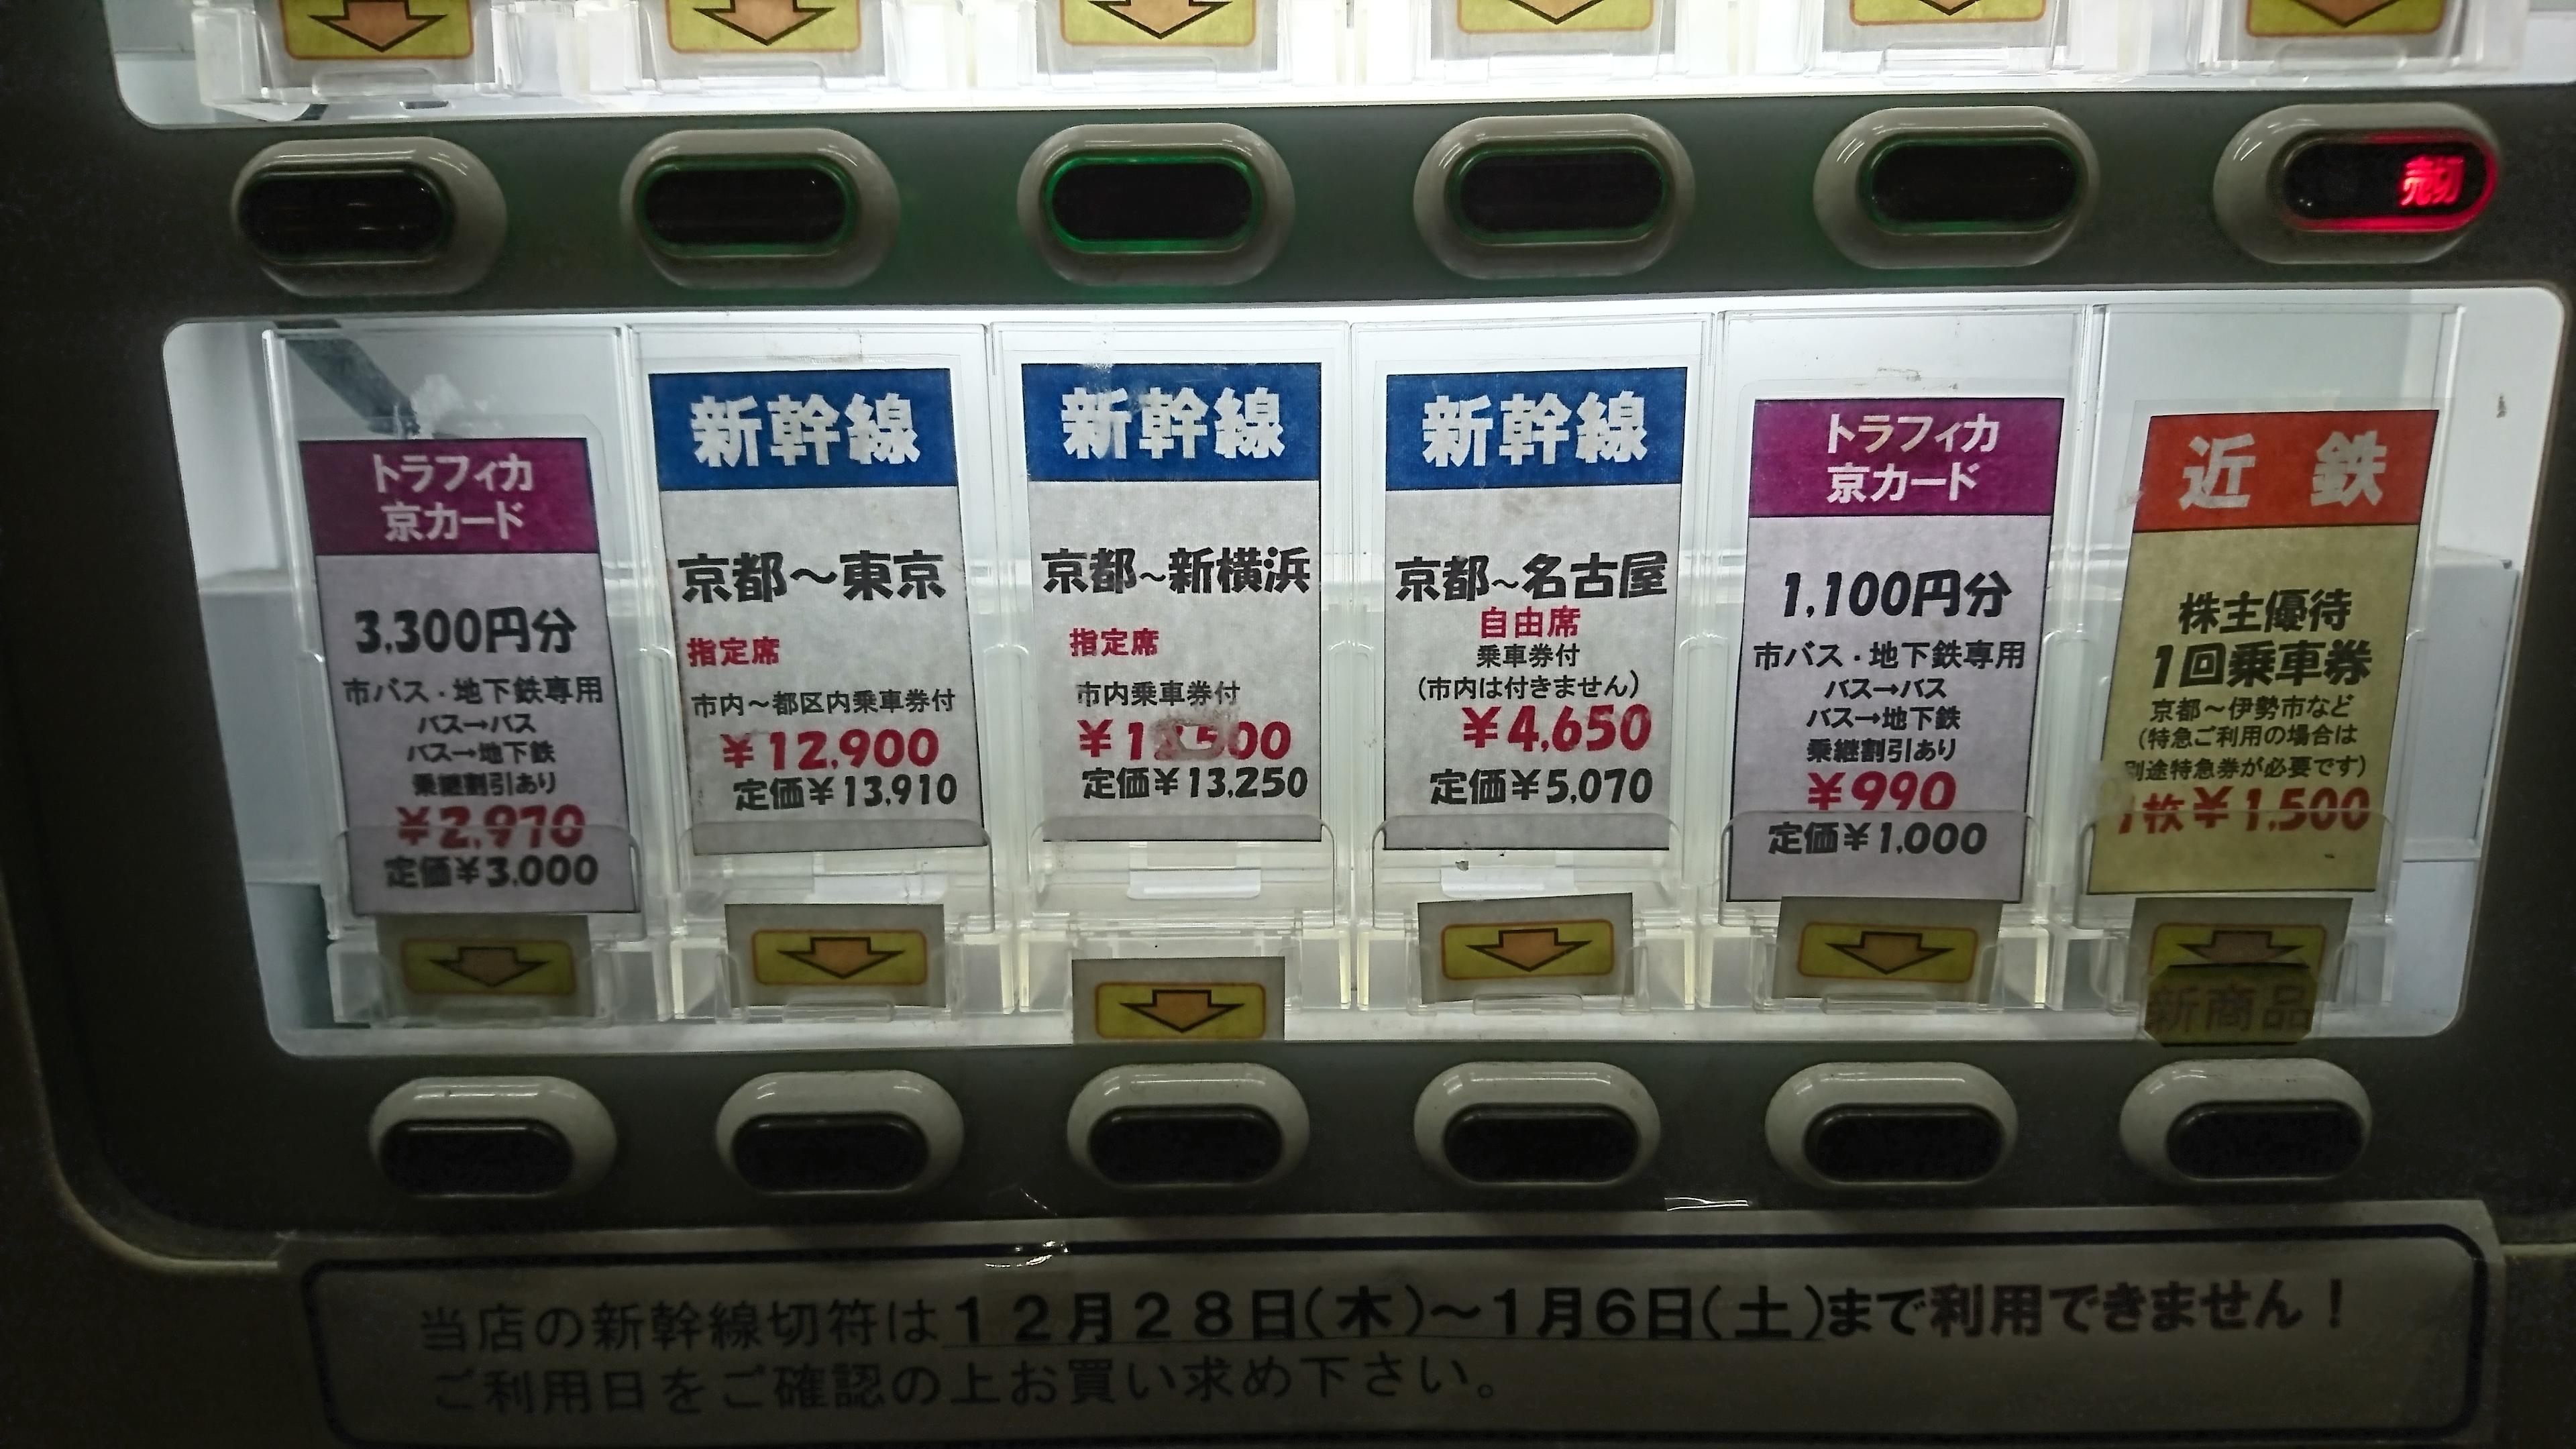 最新 新幹線 東京 名古屋 自由席 - 様々な日本の寫真/寫真